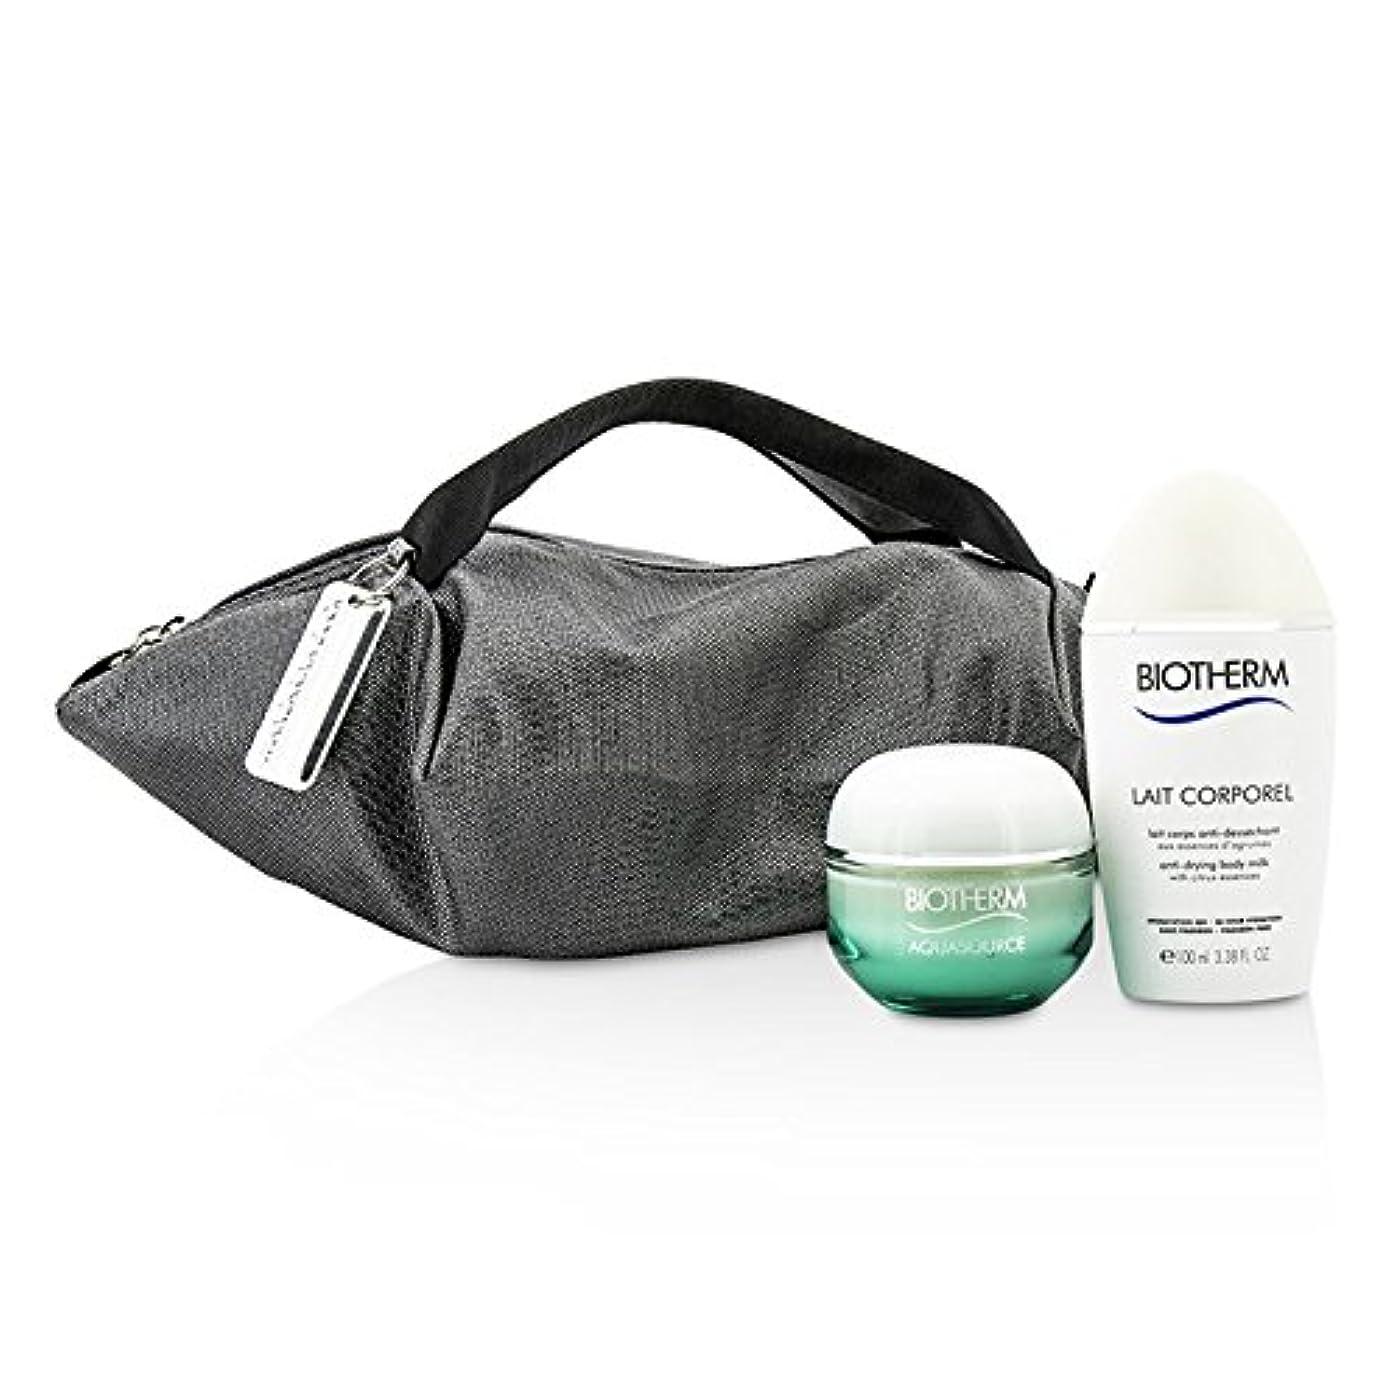 自分のために普及嵐ビオテルム Aquasource & Body Care X Mandarina Duck Coffret: Cream N/C 50ml + Anti-Drying Body Care 100ml + Handle Bag...